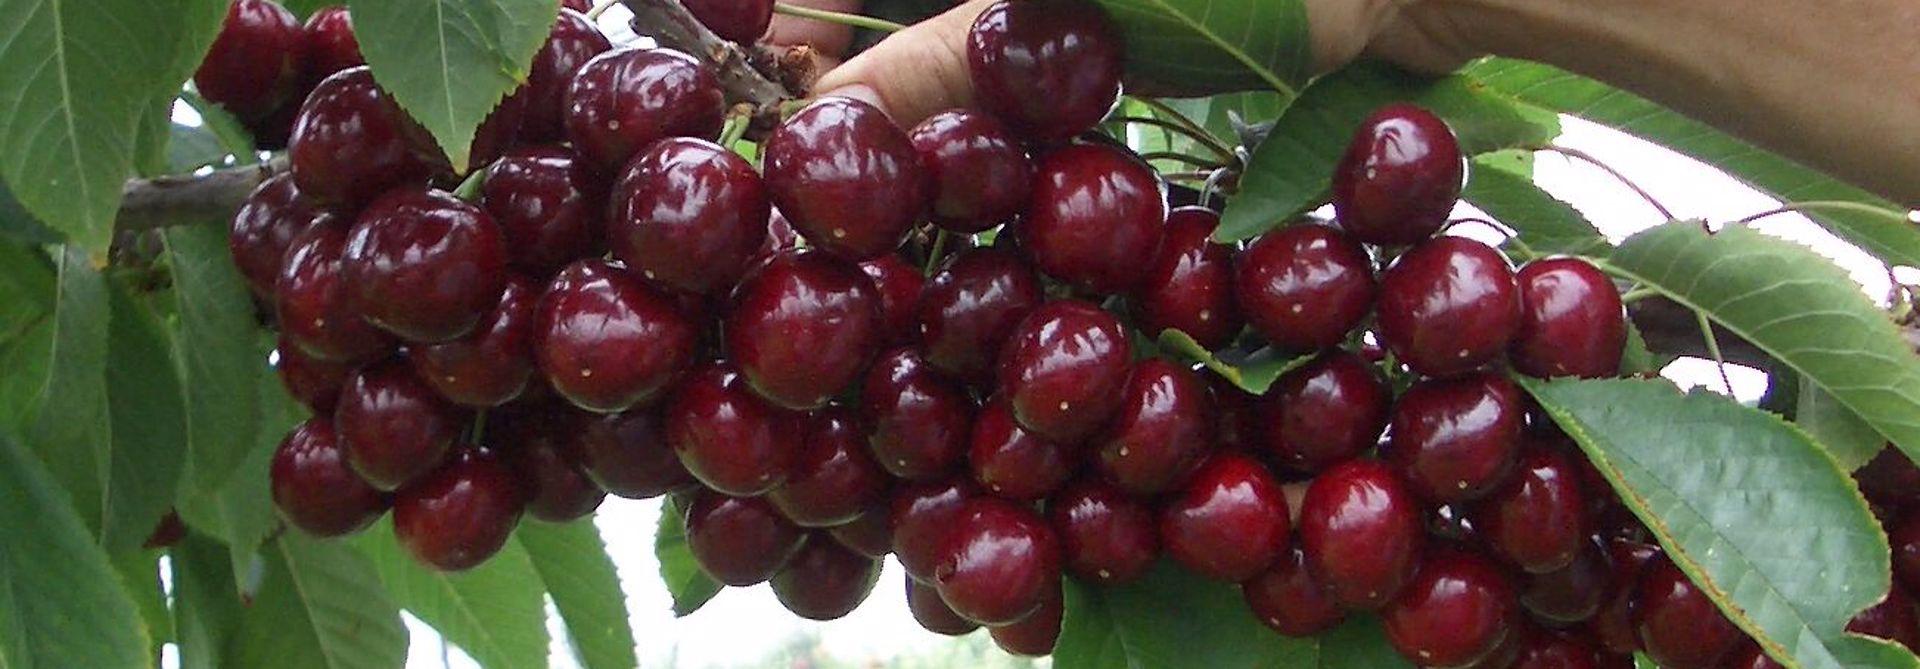 reife Sweetheart-Kirschen am Baum>